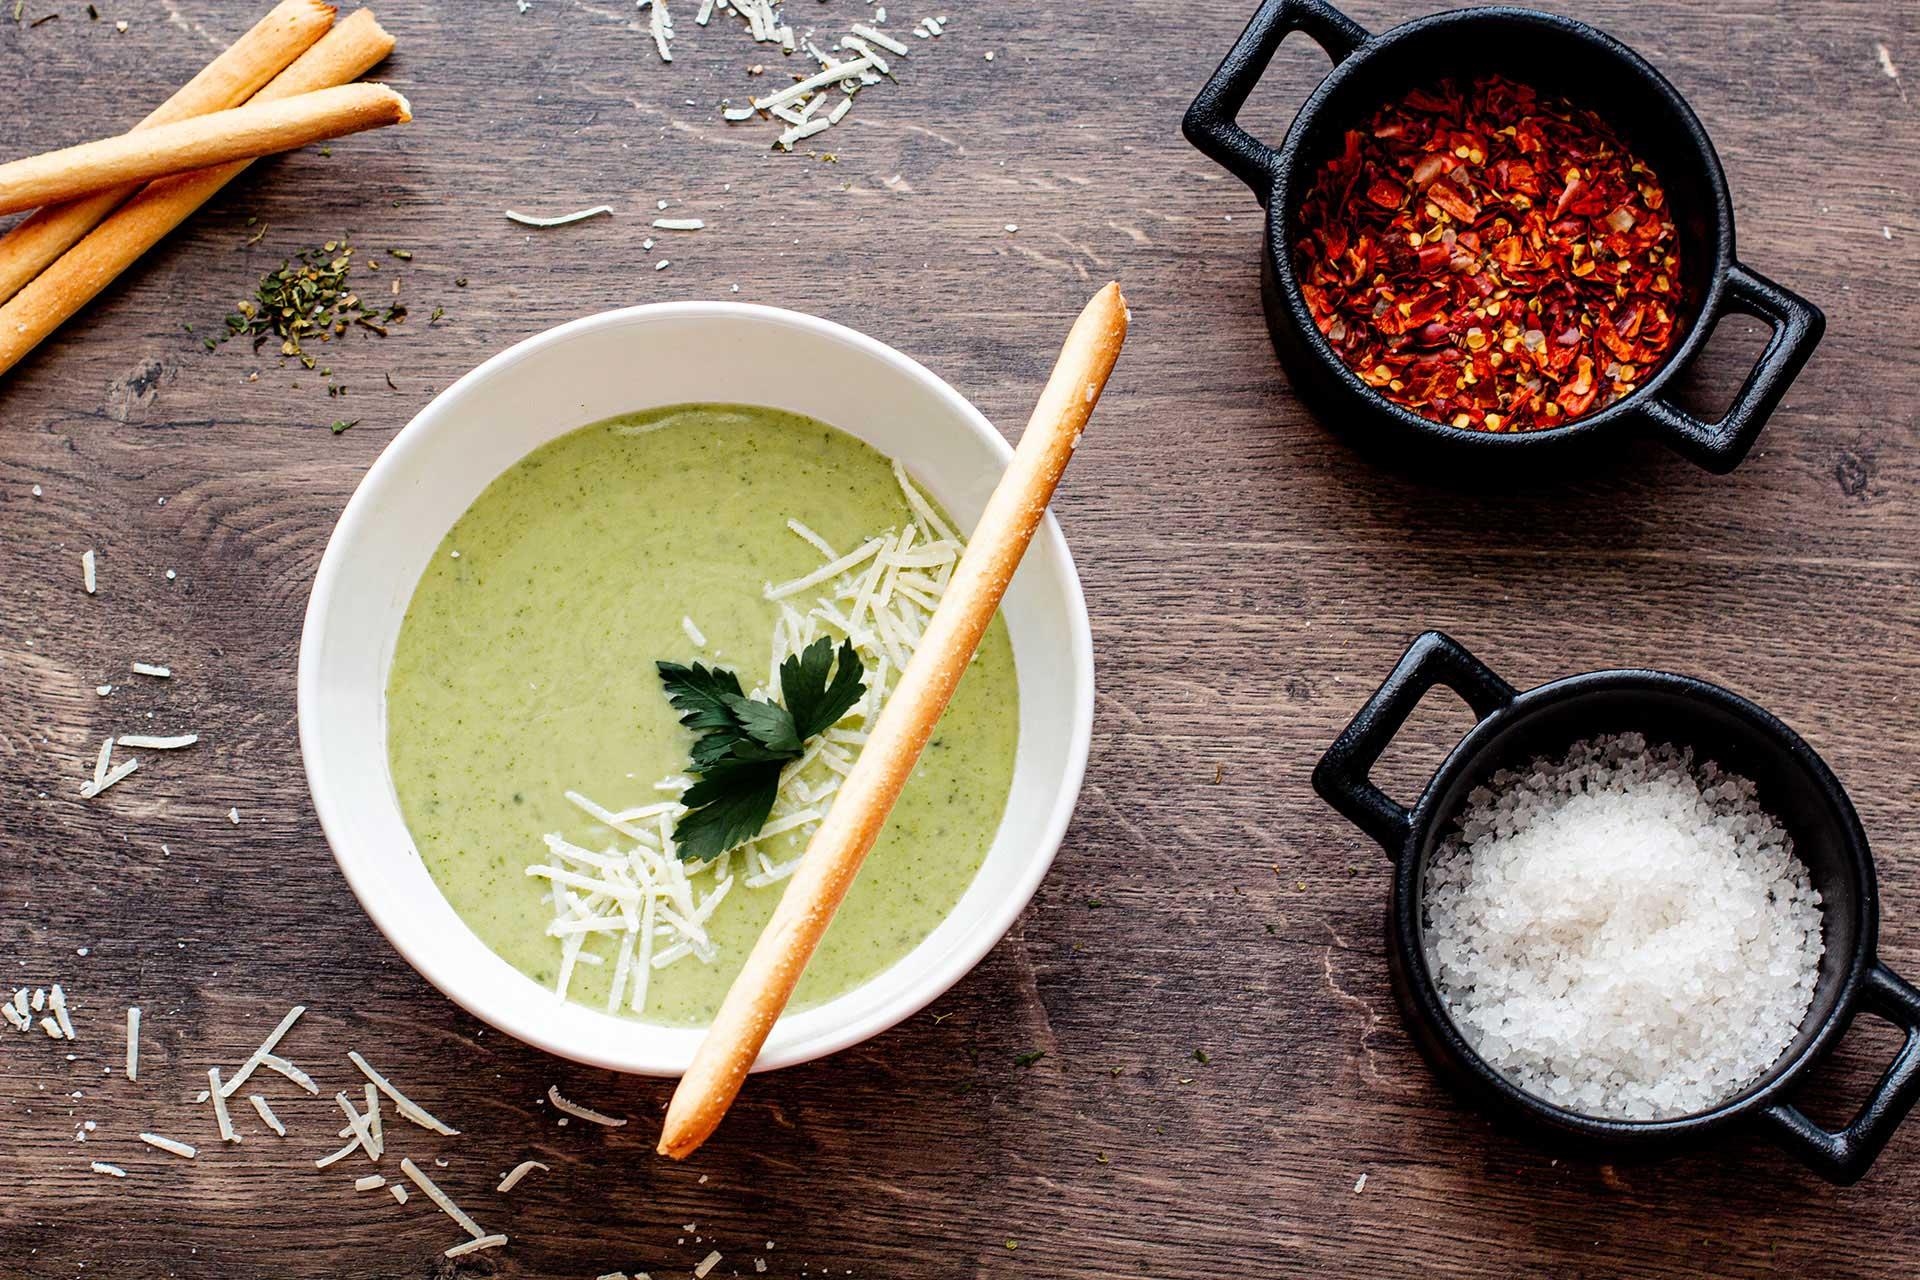 Auf dem Bild ist ein Teller mit Zucchinicremesuppe zu sehen, als Dekoration dienen Grissini sowie geriebener Hartkäse, Salz und Chiliflocken in kleinen Schälchen.